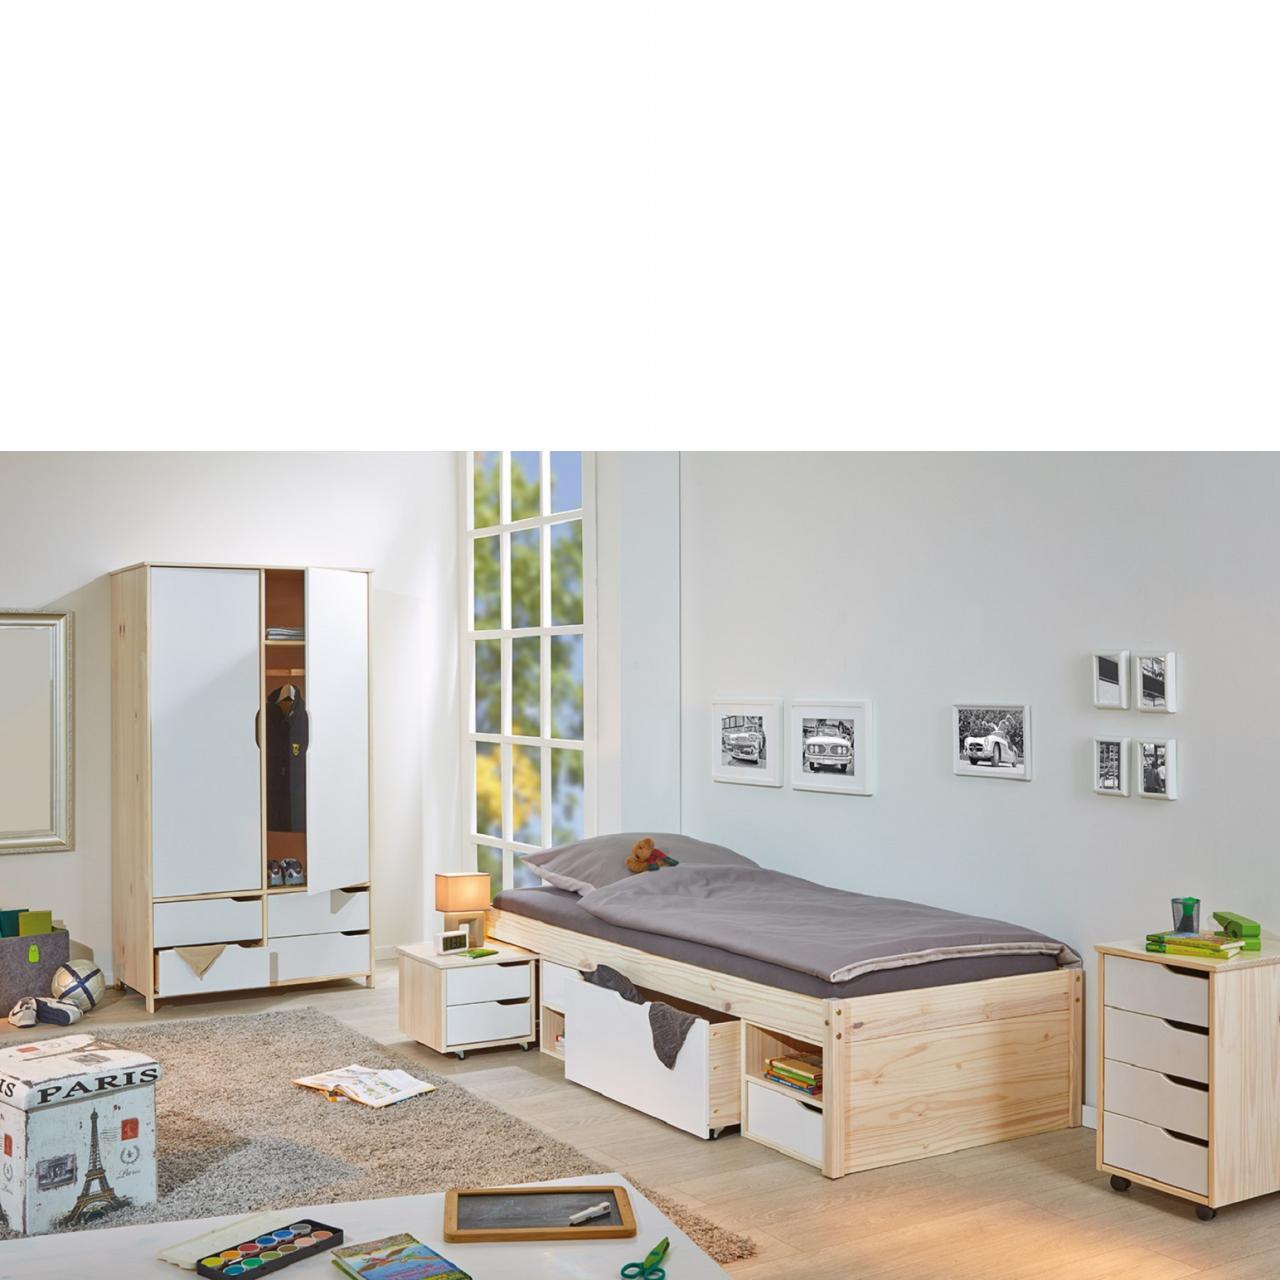 Funktionsbett Gudjam Bett 2 Schubladen 1 Roll Kommode Kinderbett Stauraumbett Gästebett